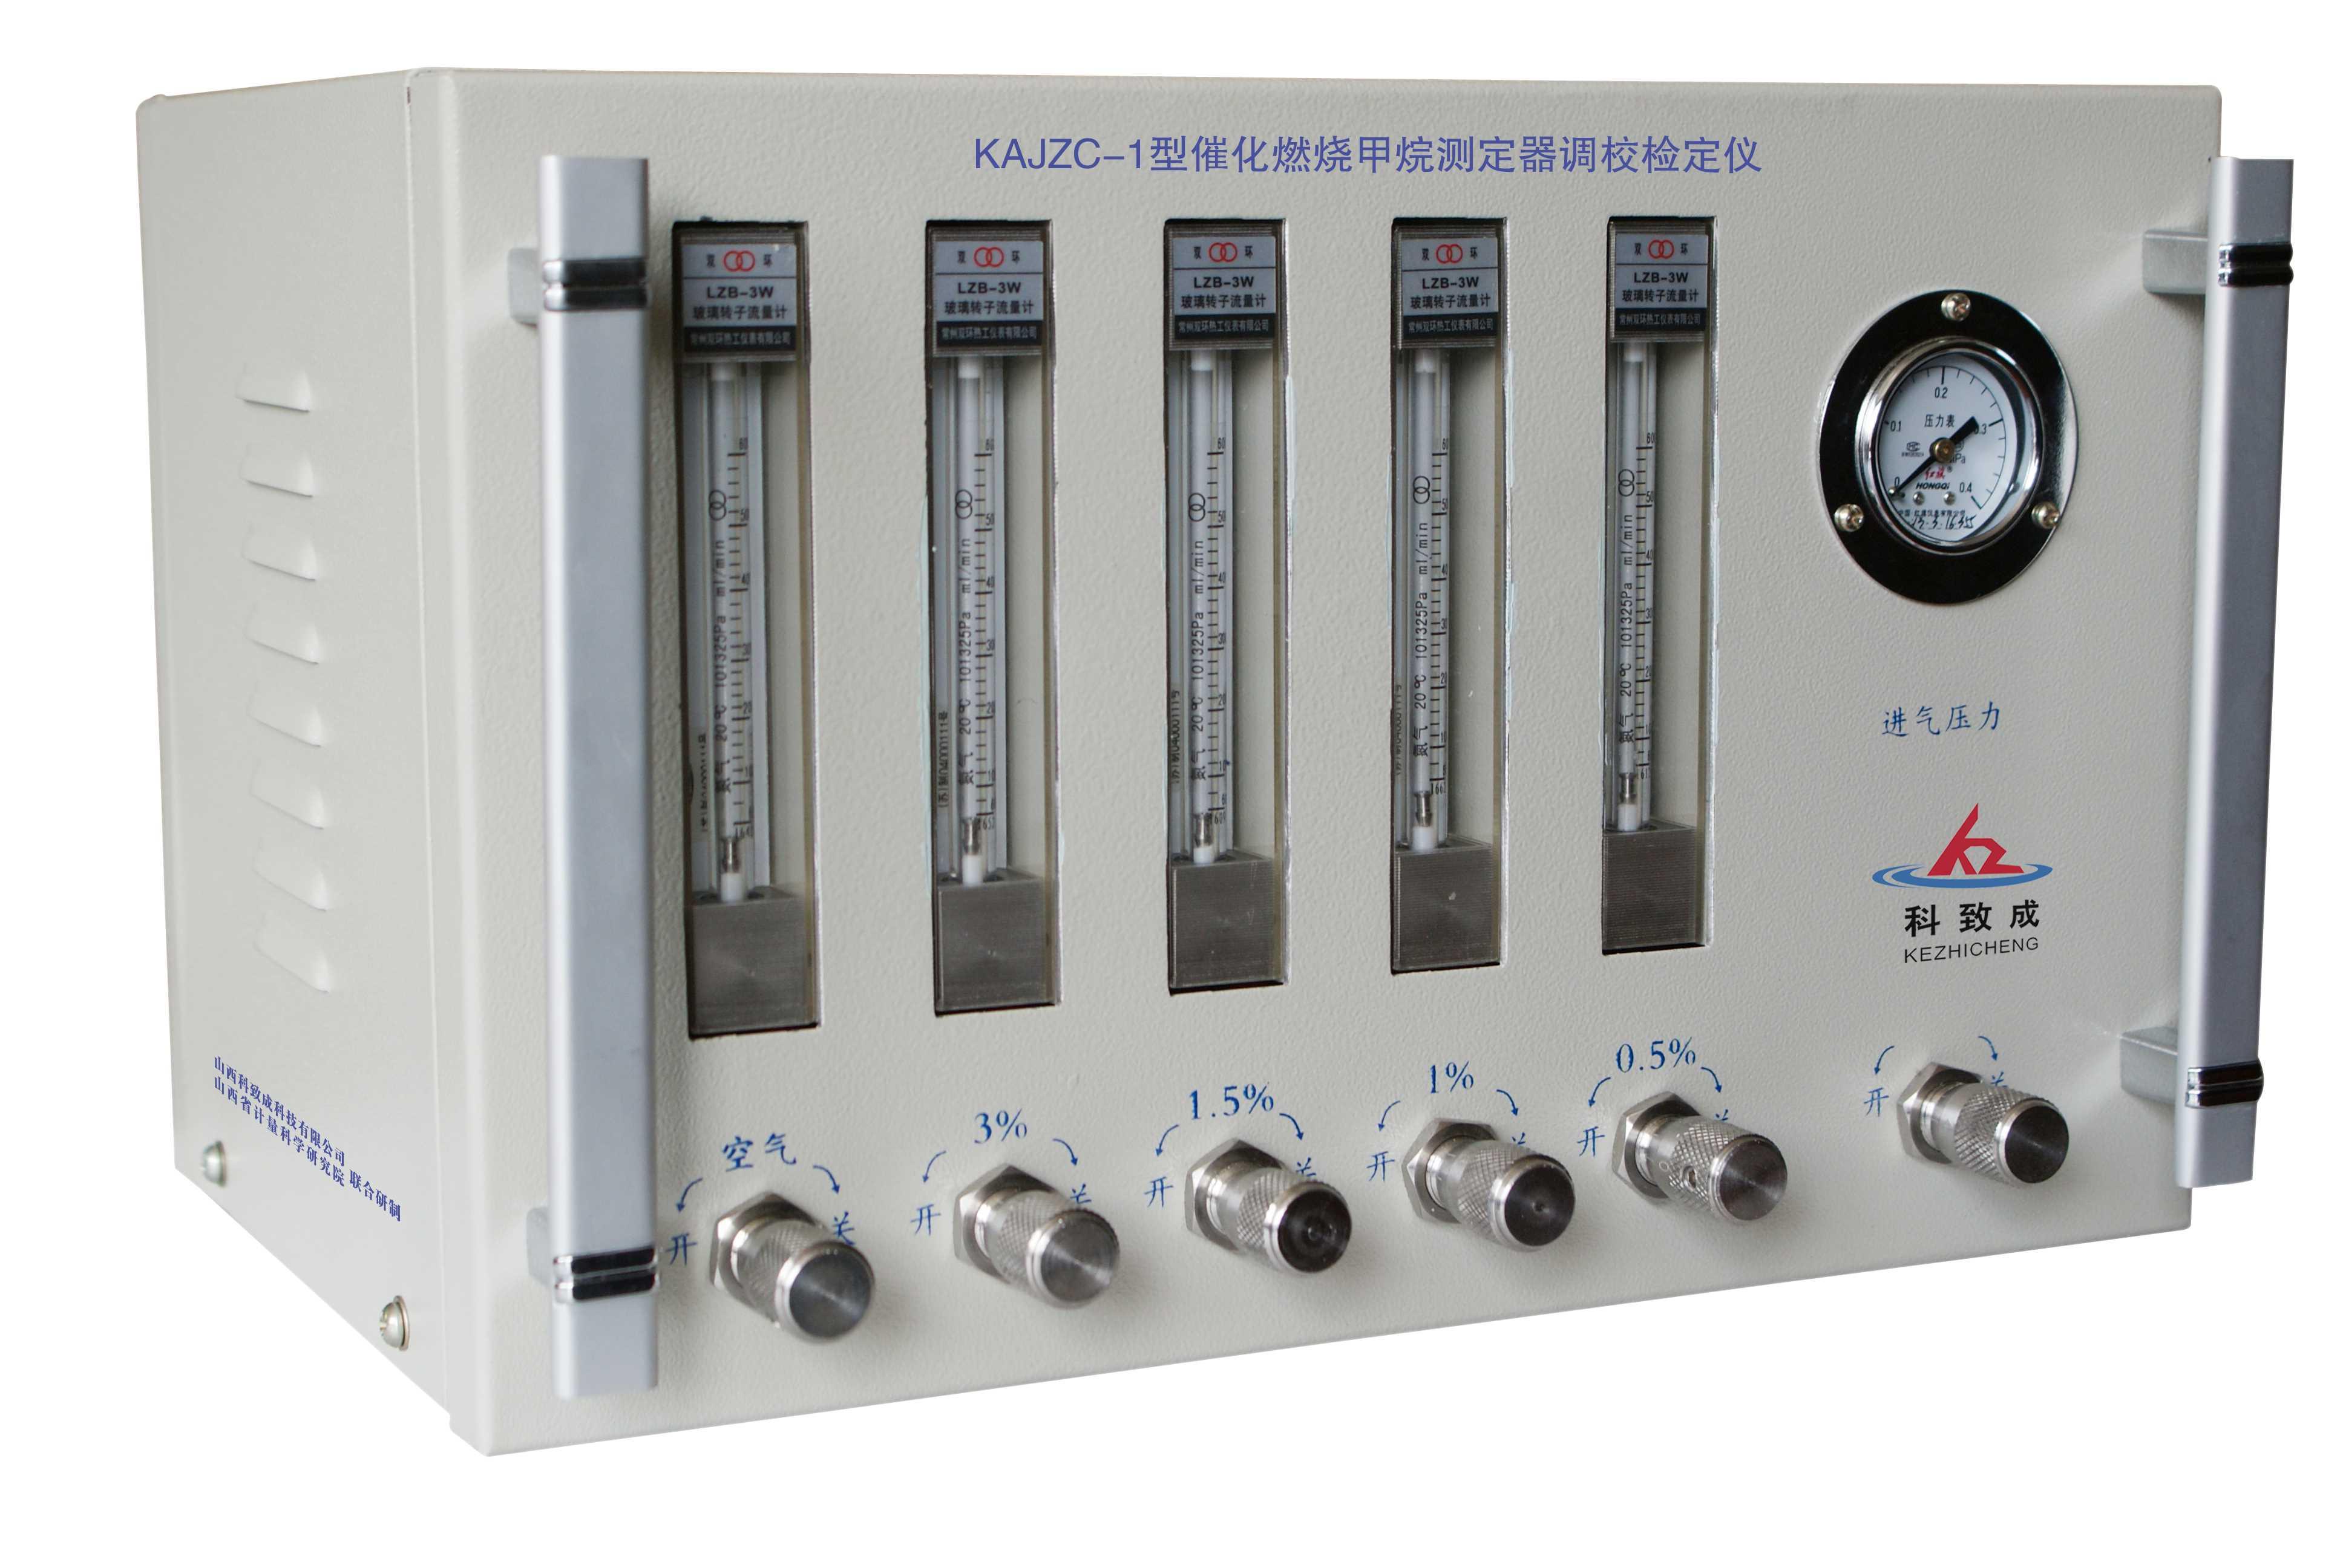 KAJZC-1型催化燃烧甲烷测定器调校必威官网亚洲体育仪he